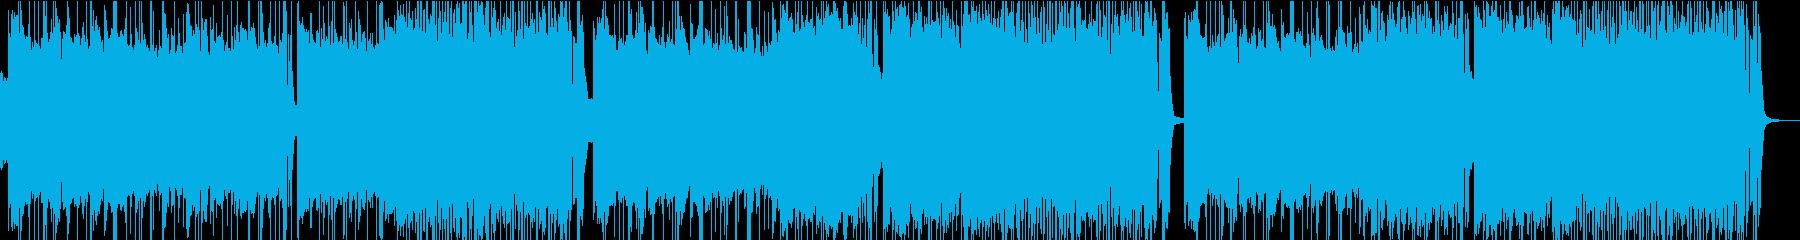 ヘビーメタル、メタリカ風リフ、ラウドの再生済みの波形